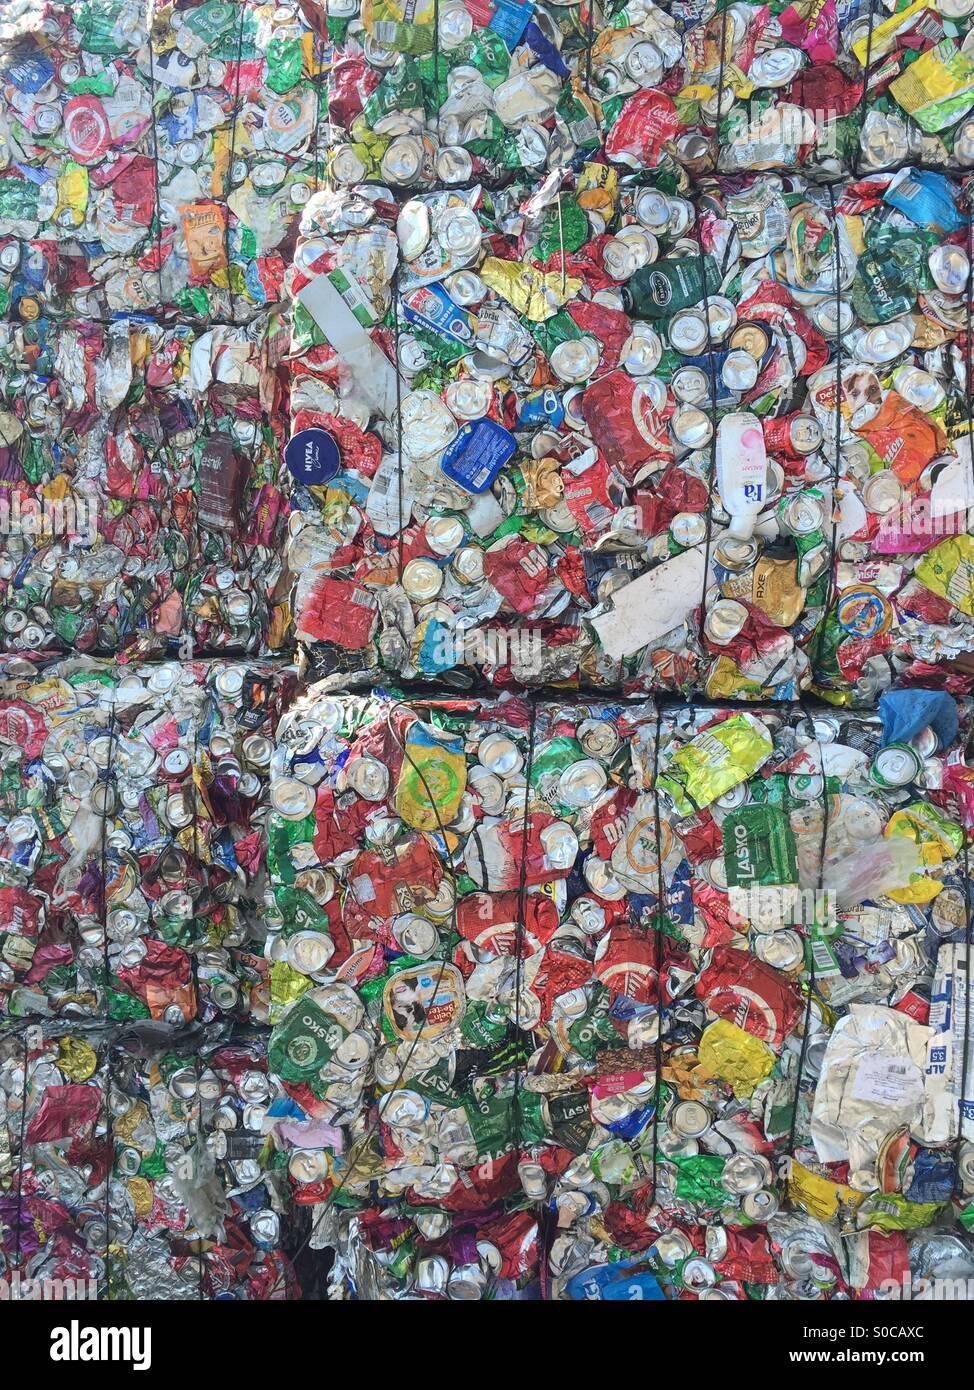 Reciclaje Imagen De Stock